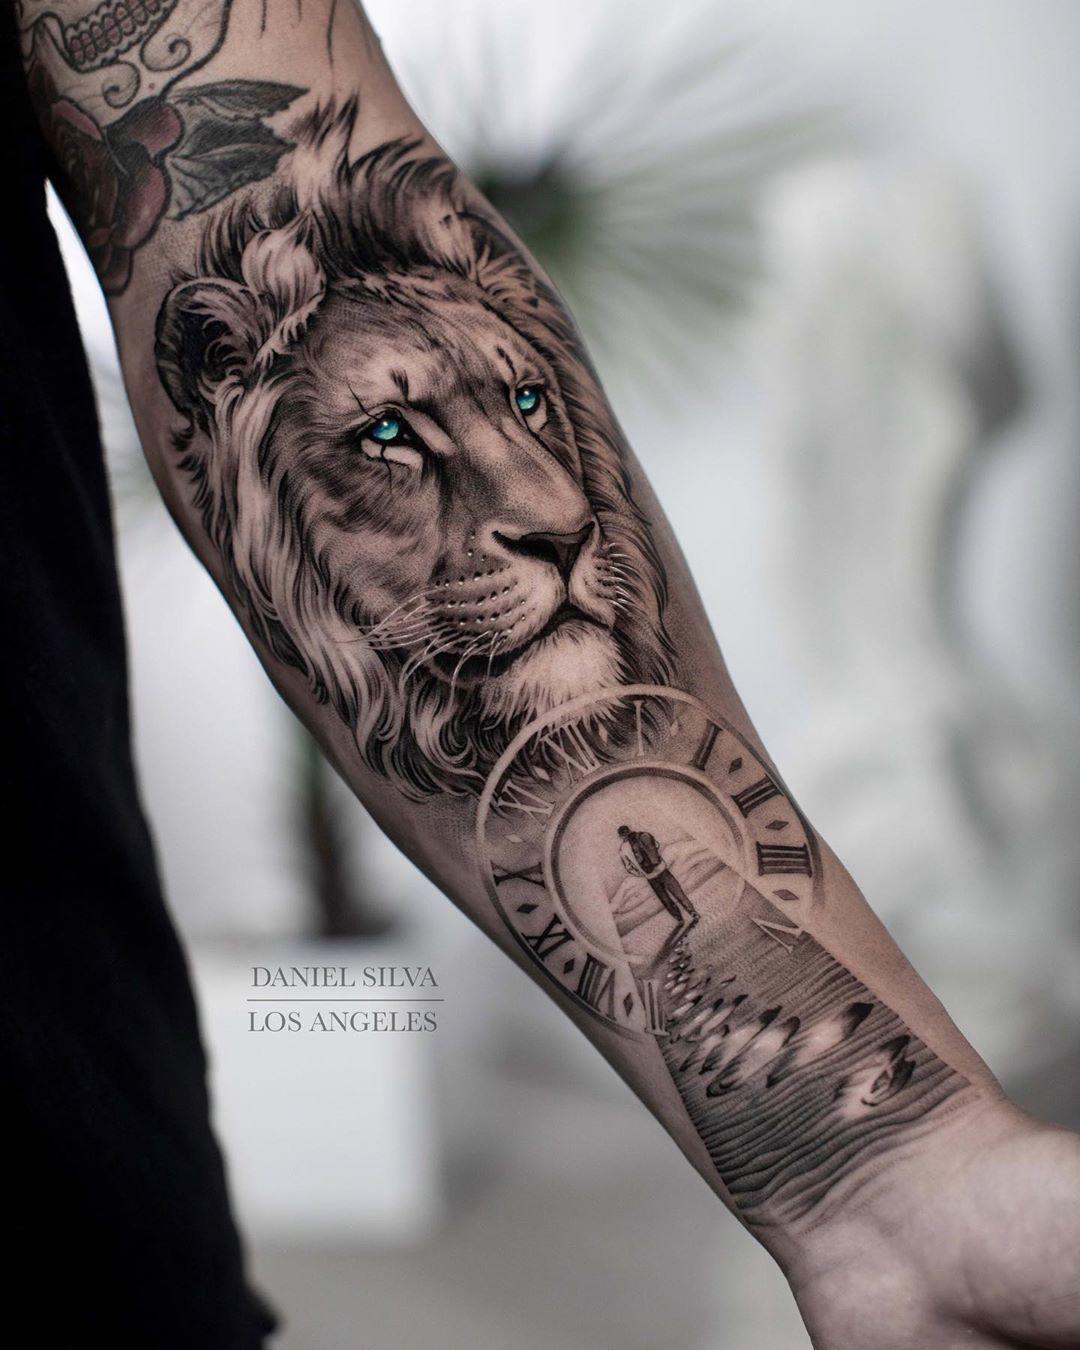 Tatuagem realista de leão com relógio em preto e cinza